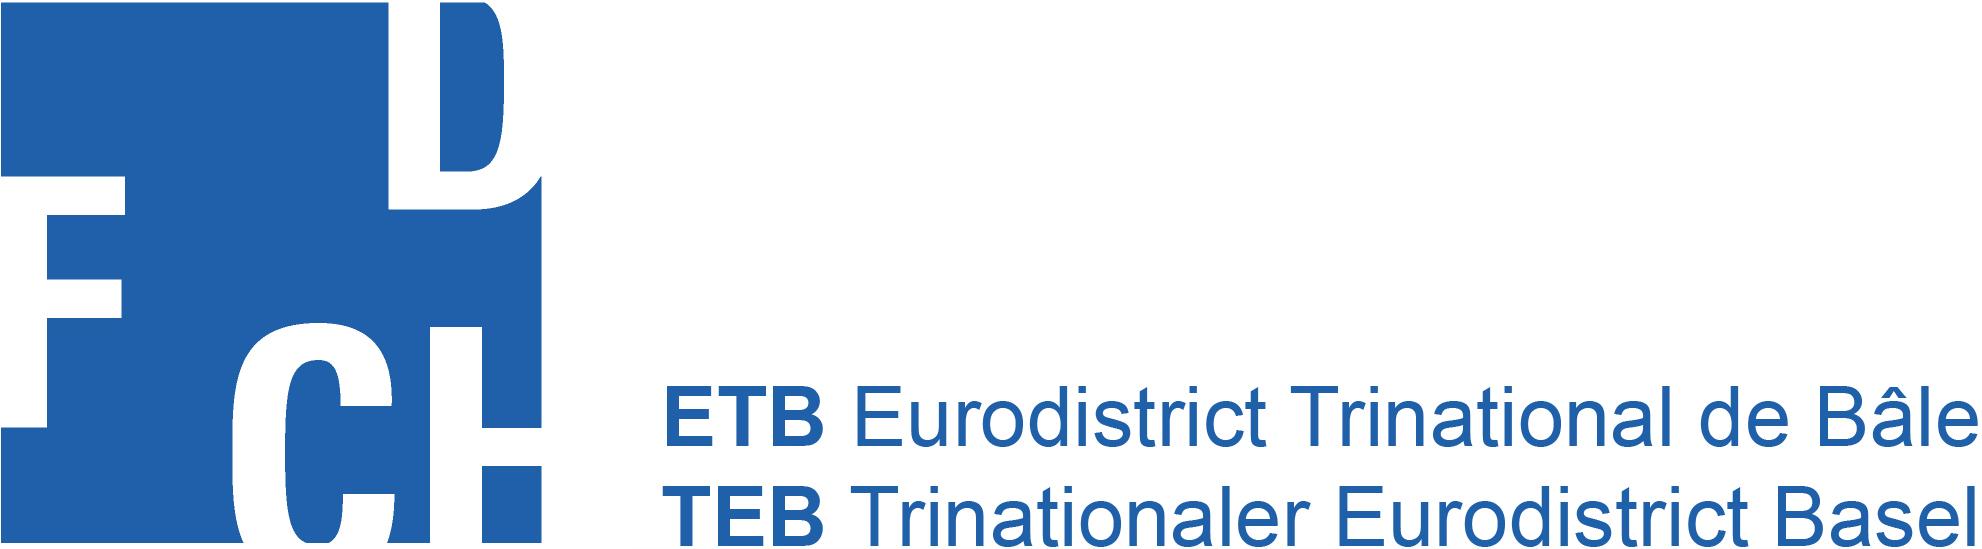 Trinationaler Eurodistrict Basel